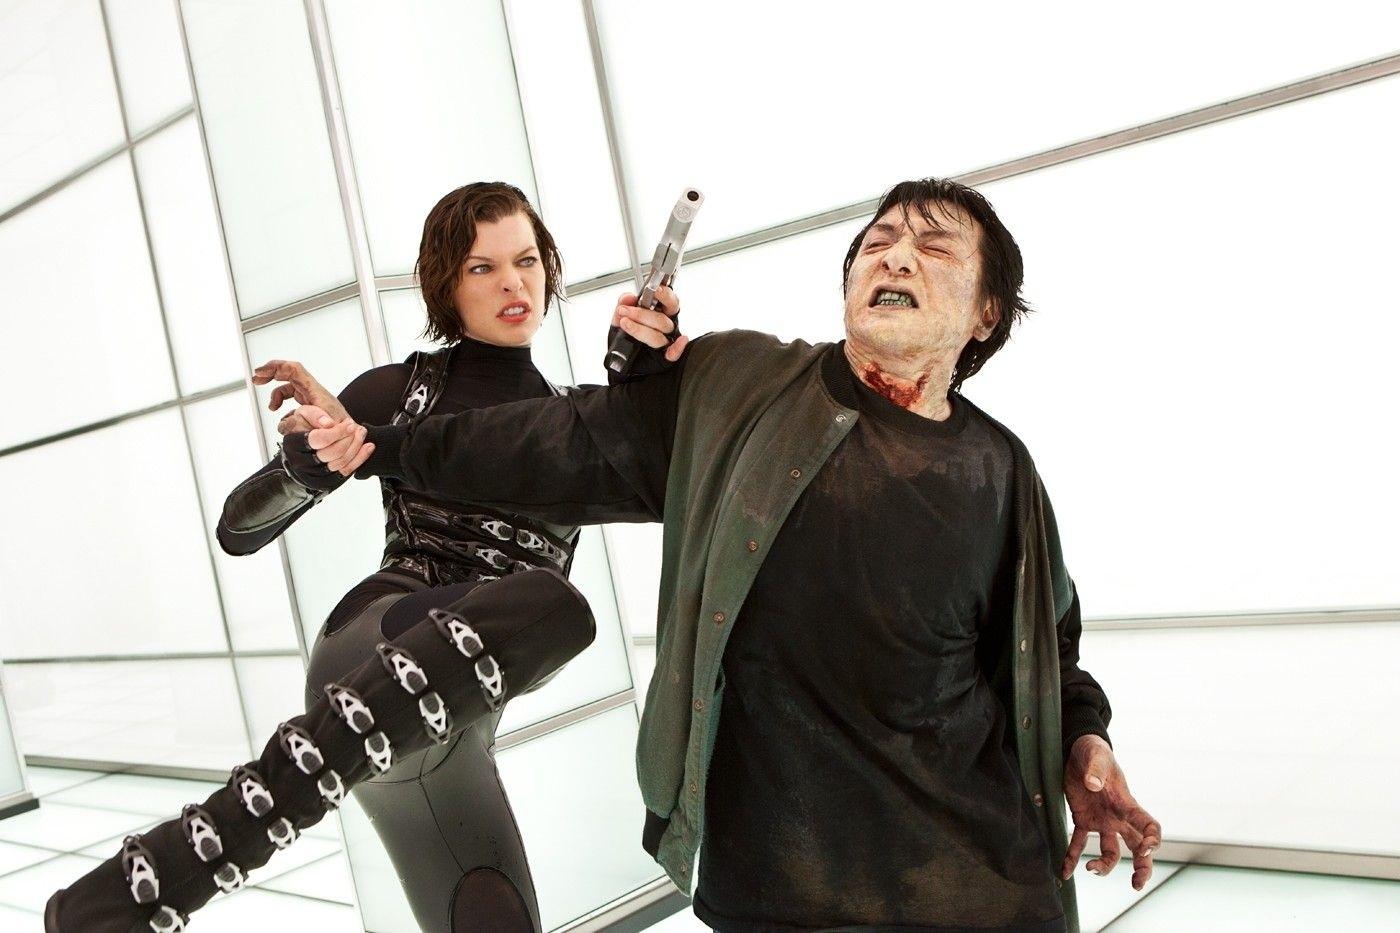 http://4.bp.blogspot.com/-liE75e7wEtg/UCsw8SB1V8I/AAAAAAAAKPA/FjXKtdbfU3c/s1600/resident-evil-la-venganza-foto-11.jpg